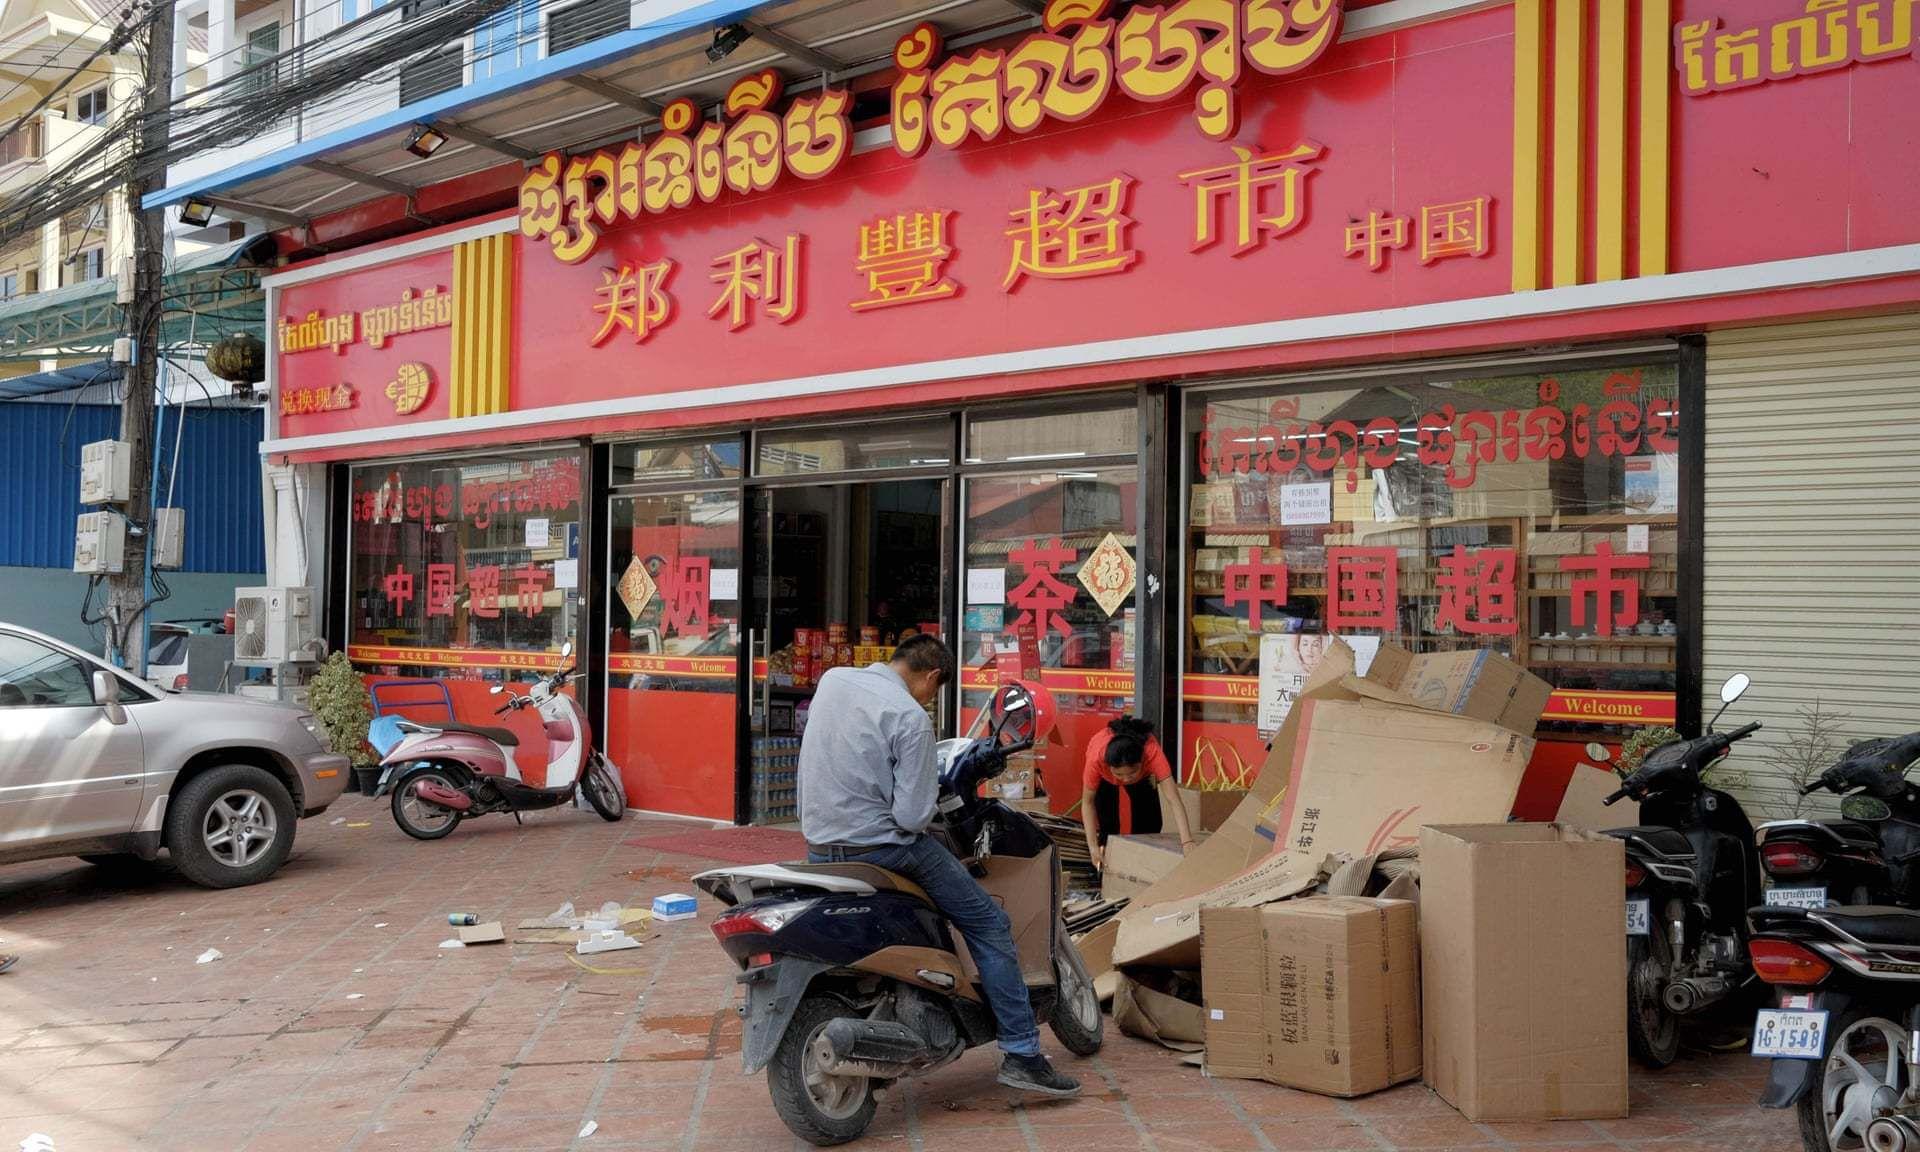 Trung Quốc đổ xô đầu tư vào thành phố đang yên bình, dân Campuchia kẻ khóc, người cười